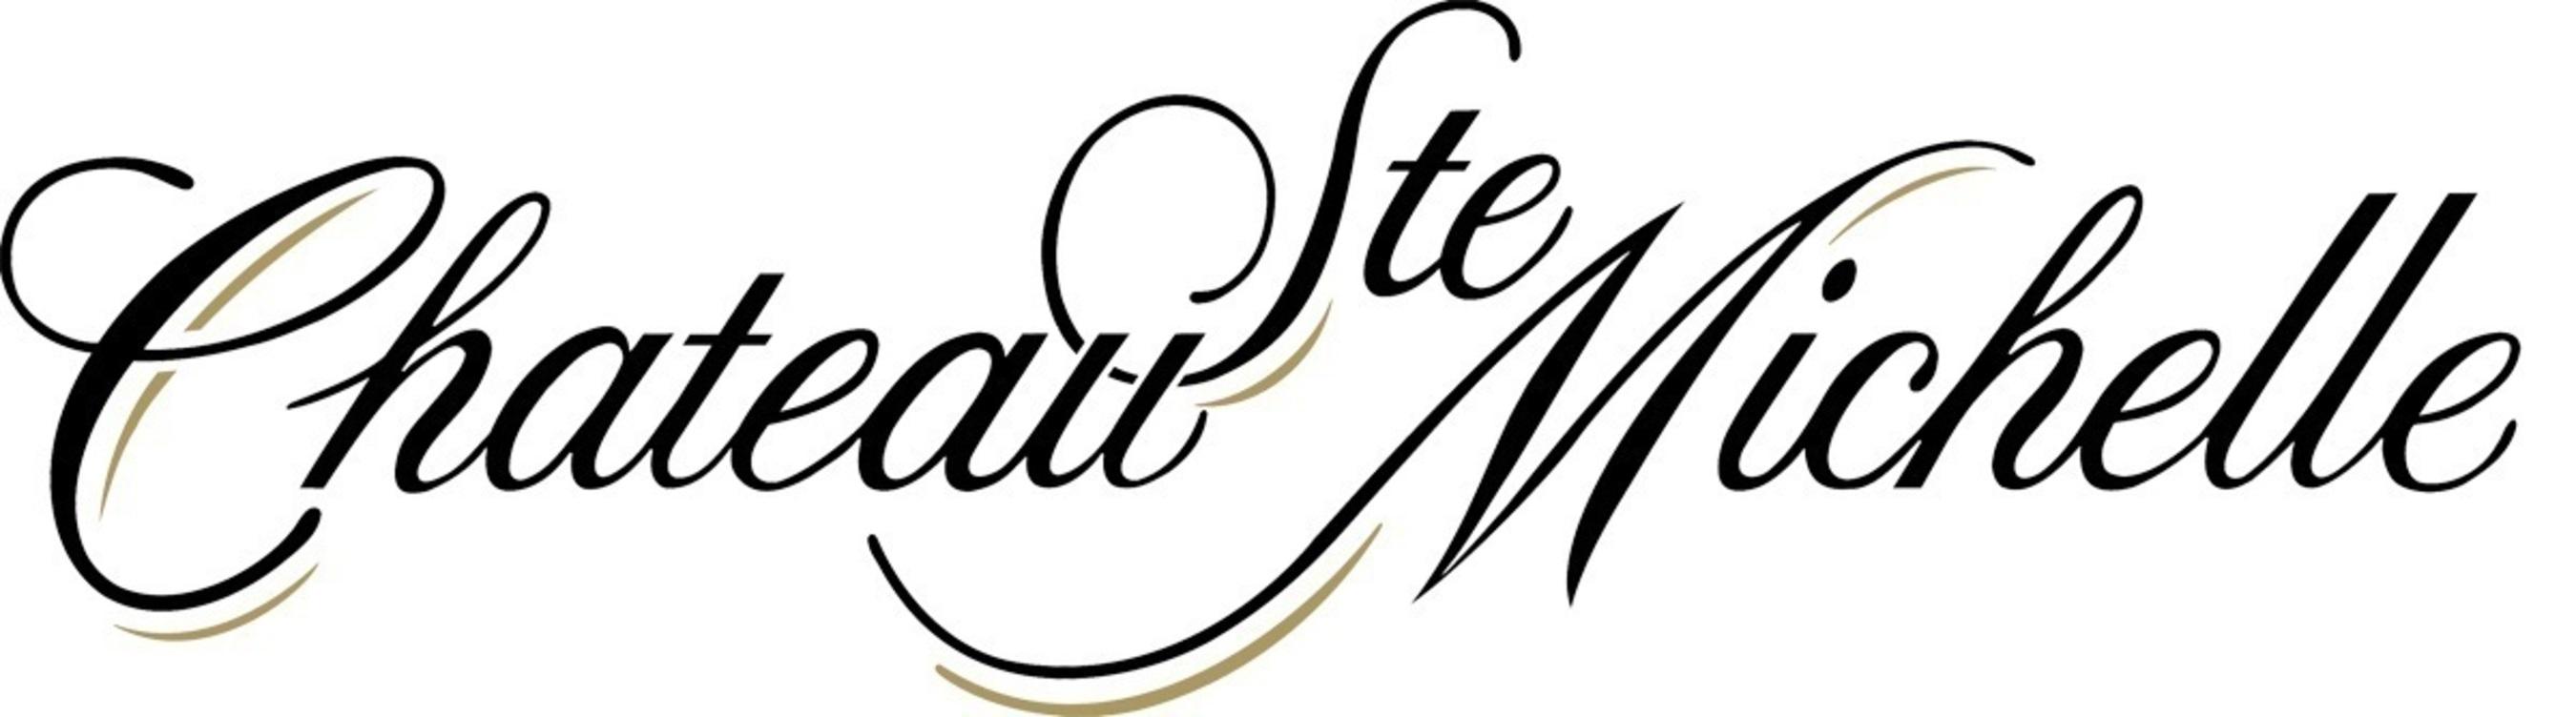 Chateau Ste. Michelle Announces its 2015 Summer Concert Series